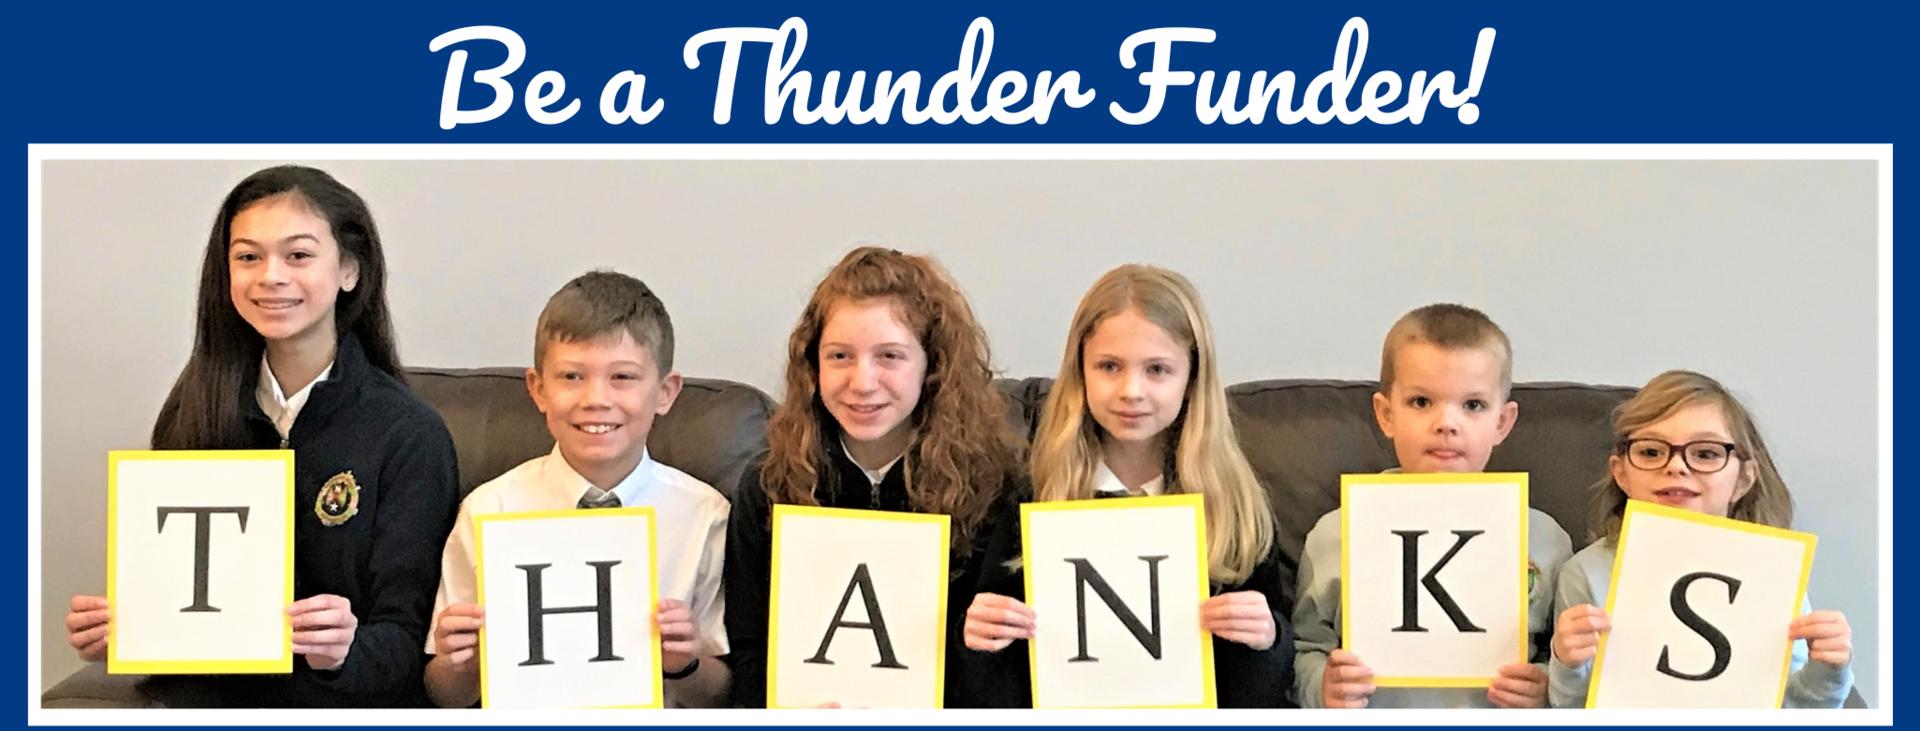 Thunder Funder